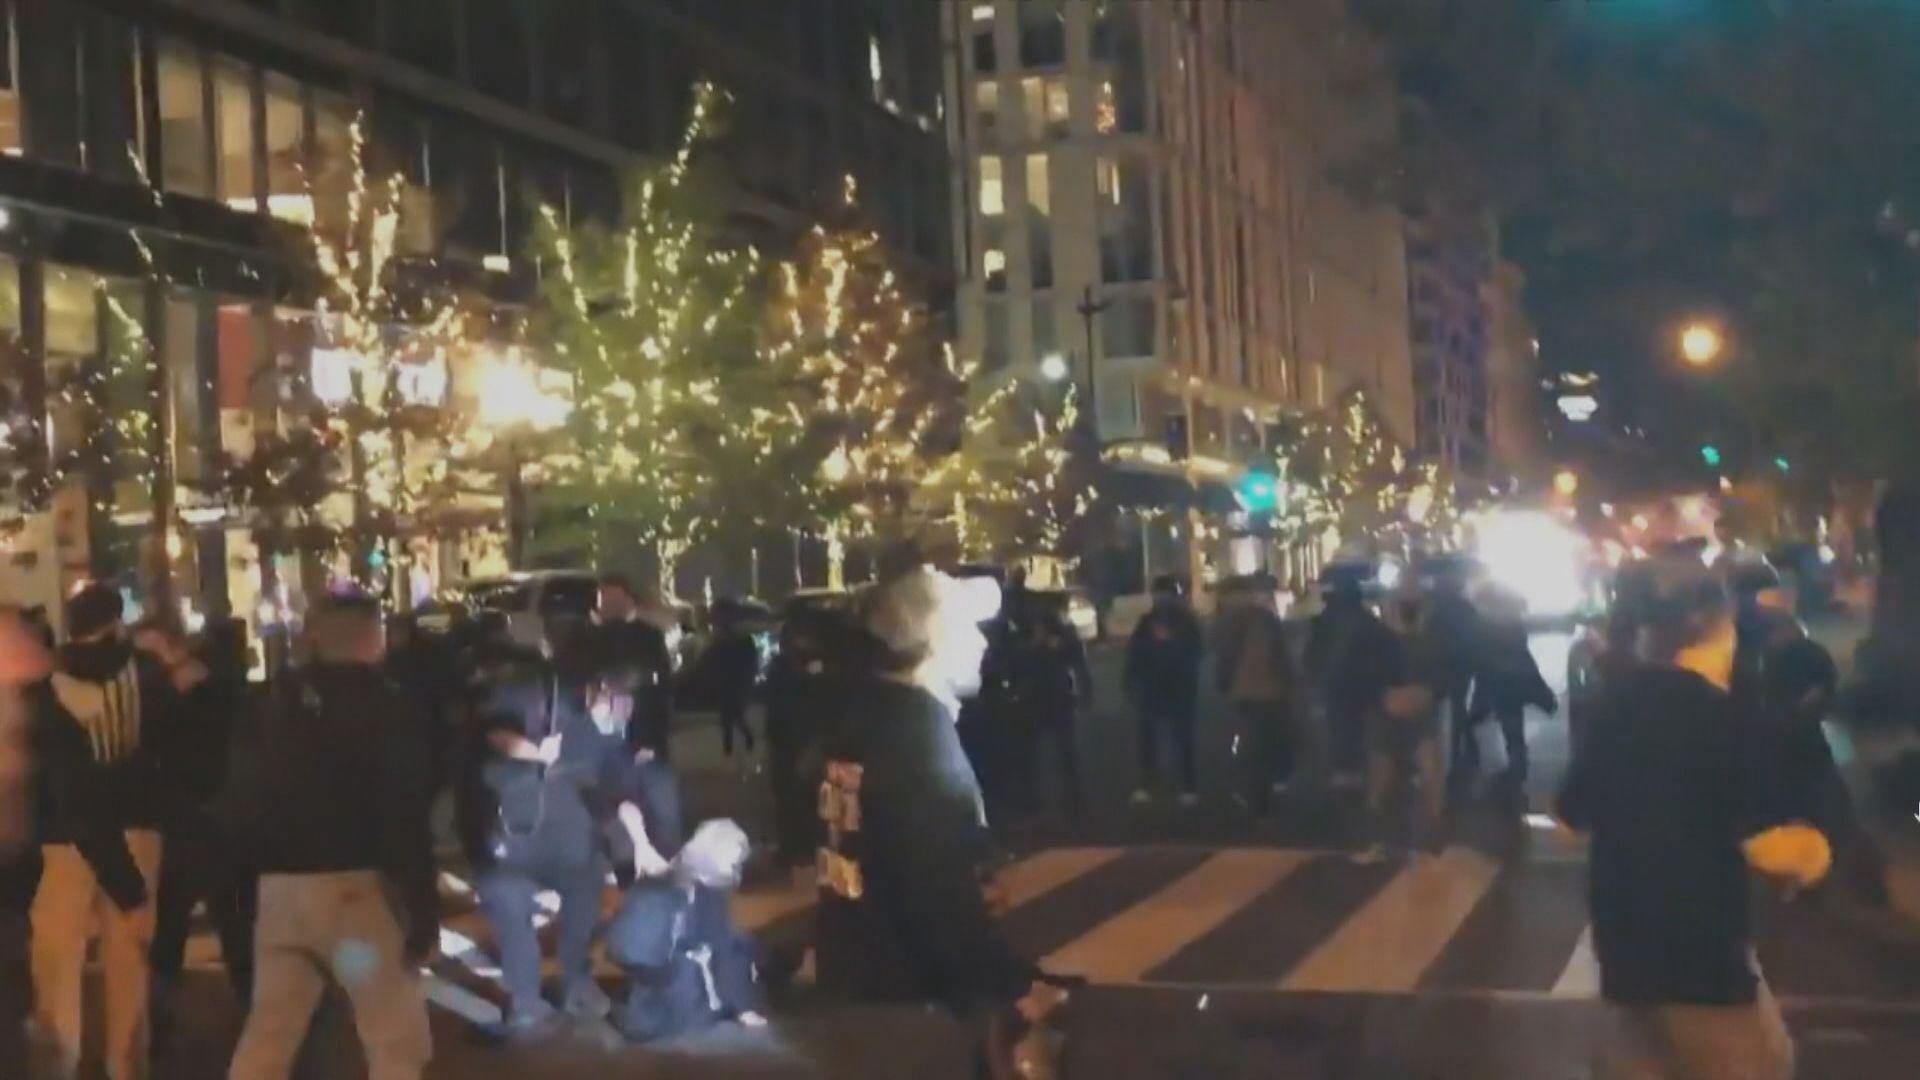 特朗普支持者及反對者爆發衝突 警方拘多人並搜出武器